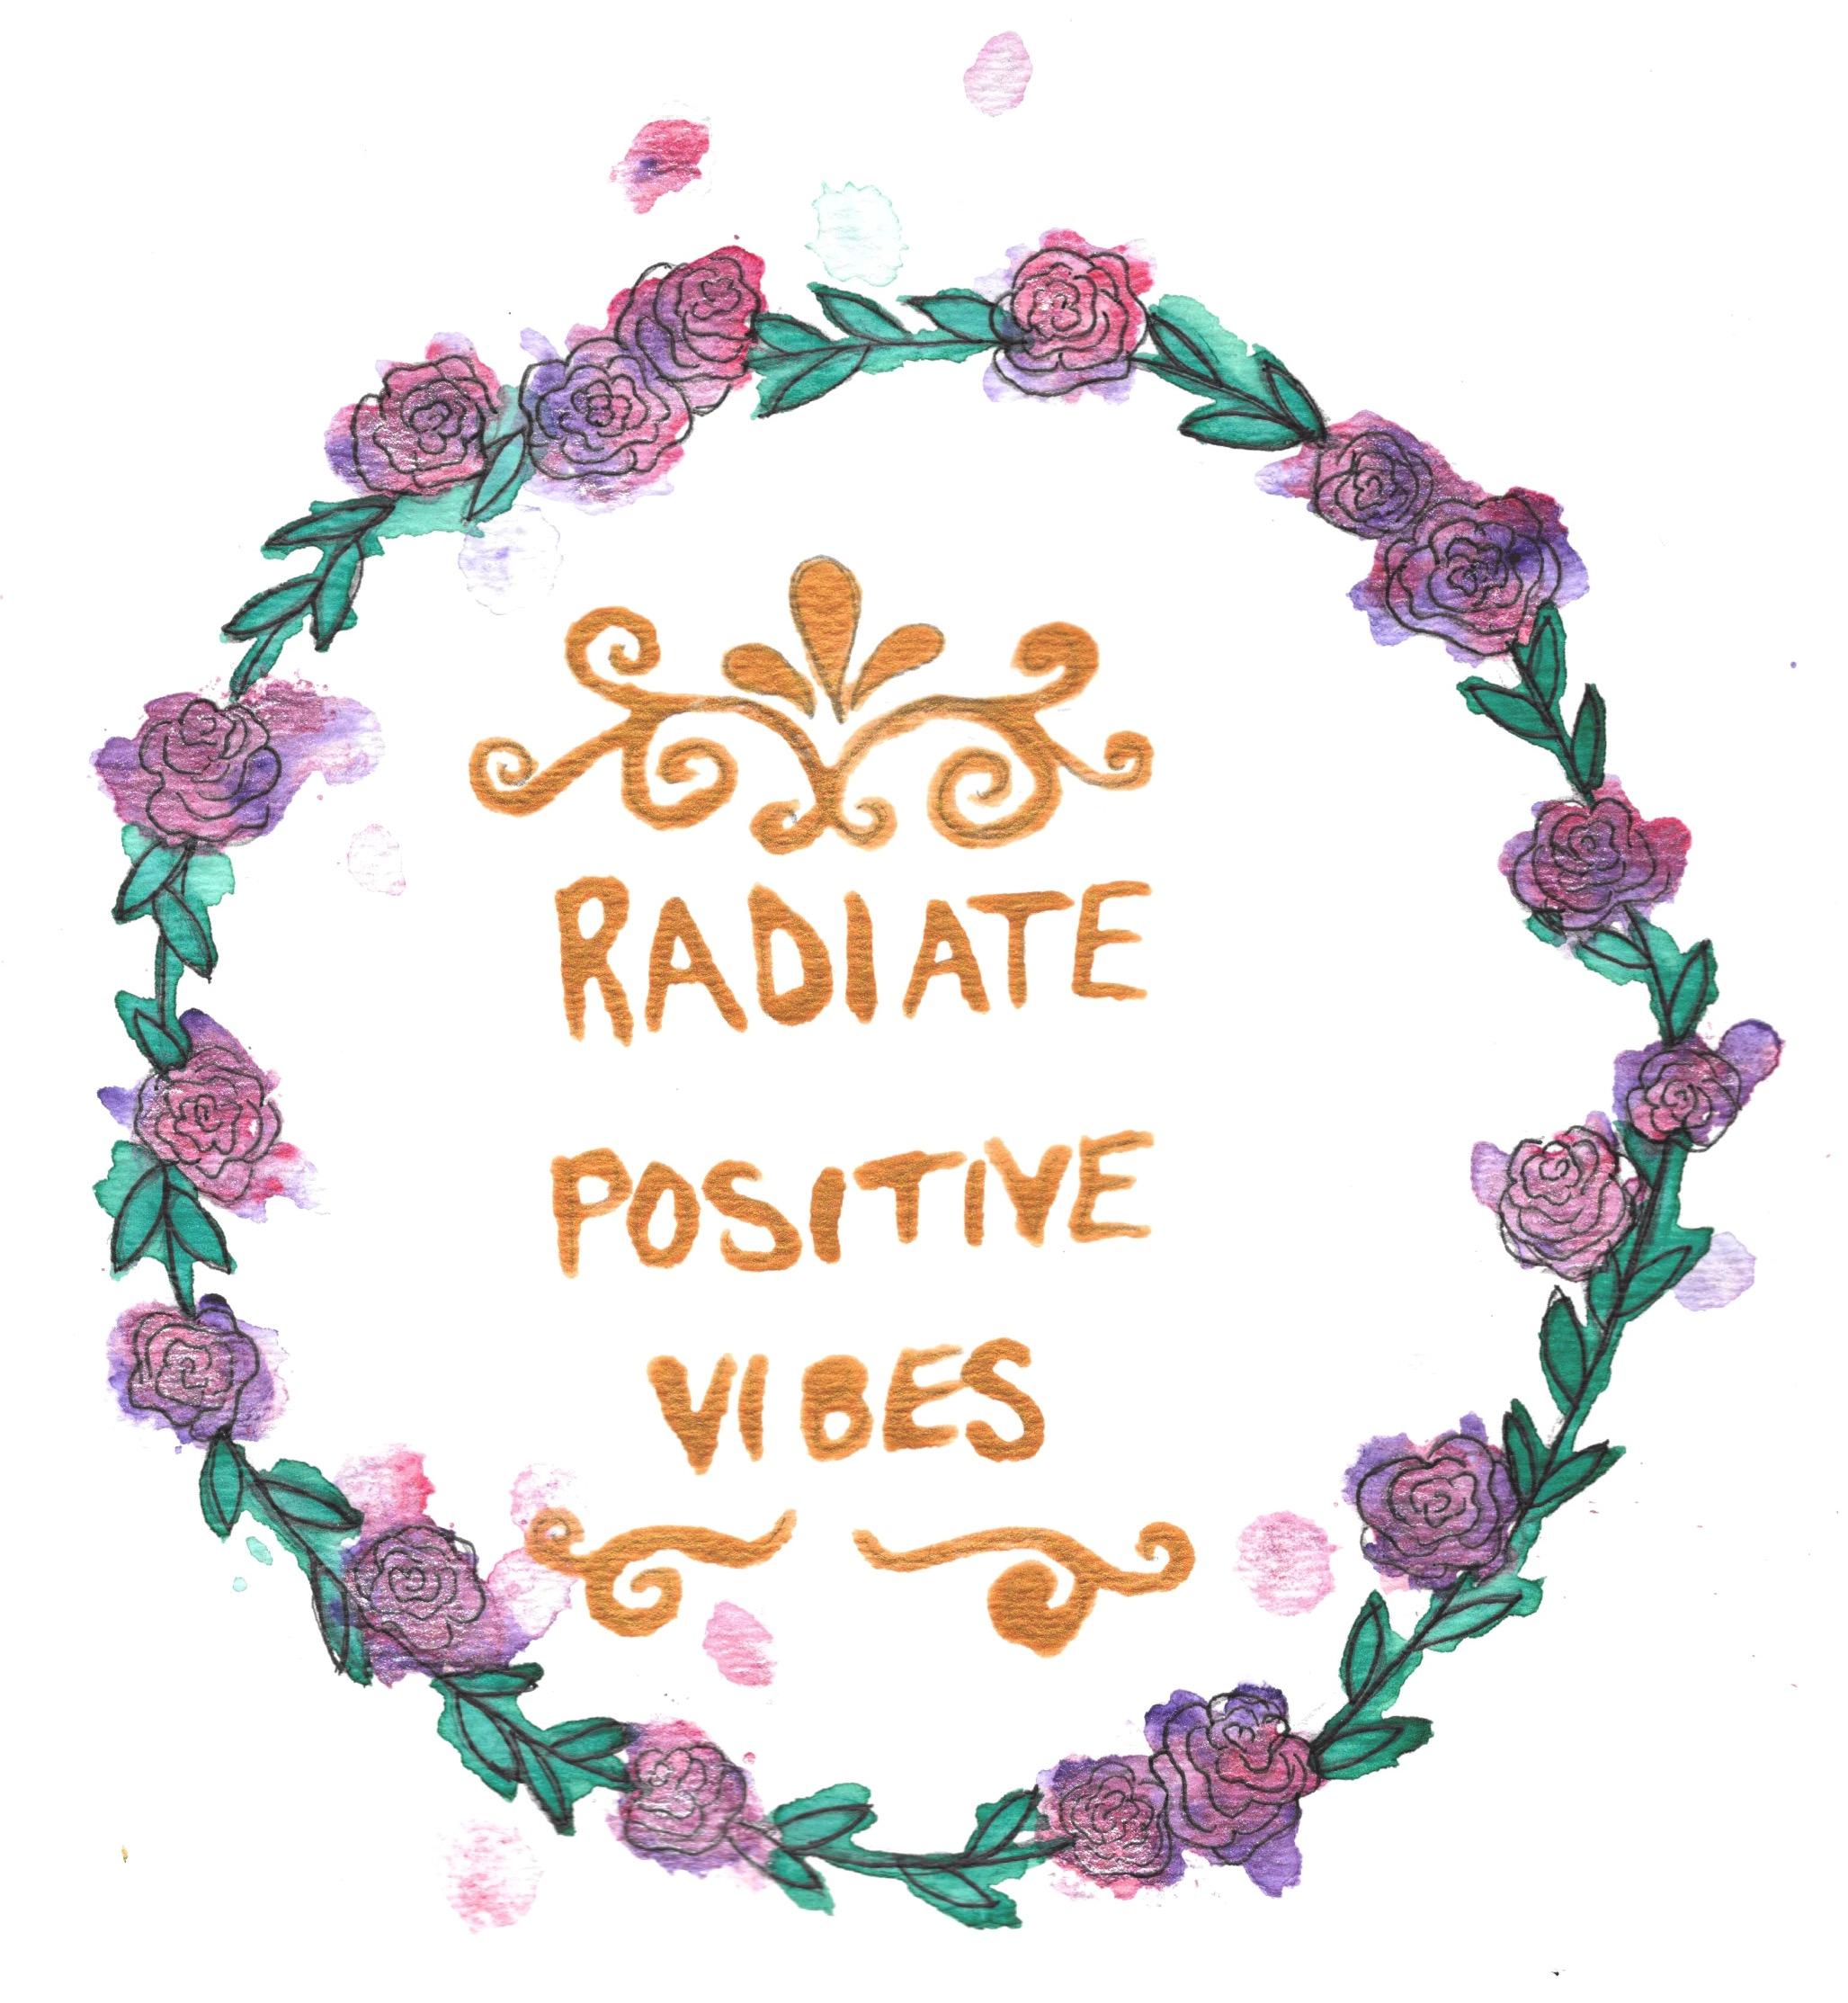 radiate positive vibes 2.jpeg